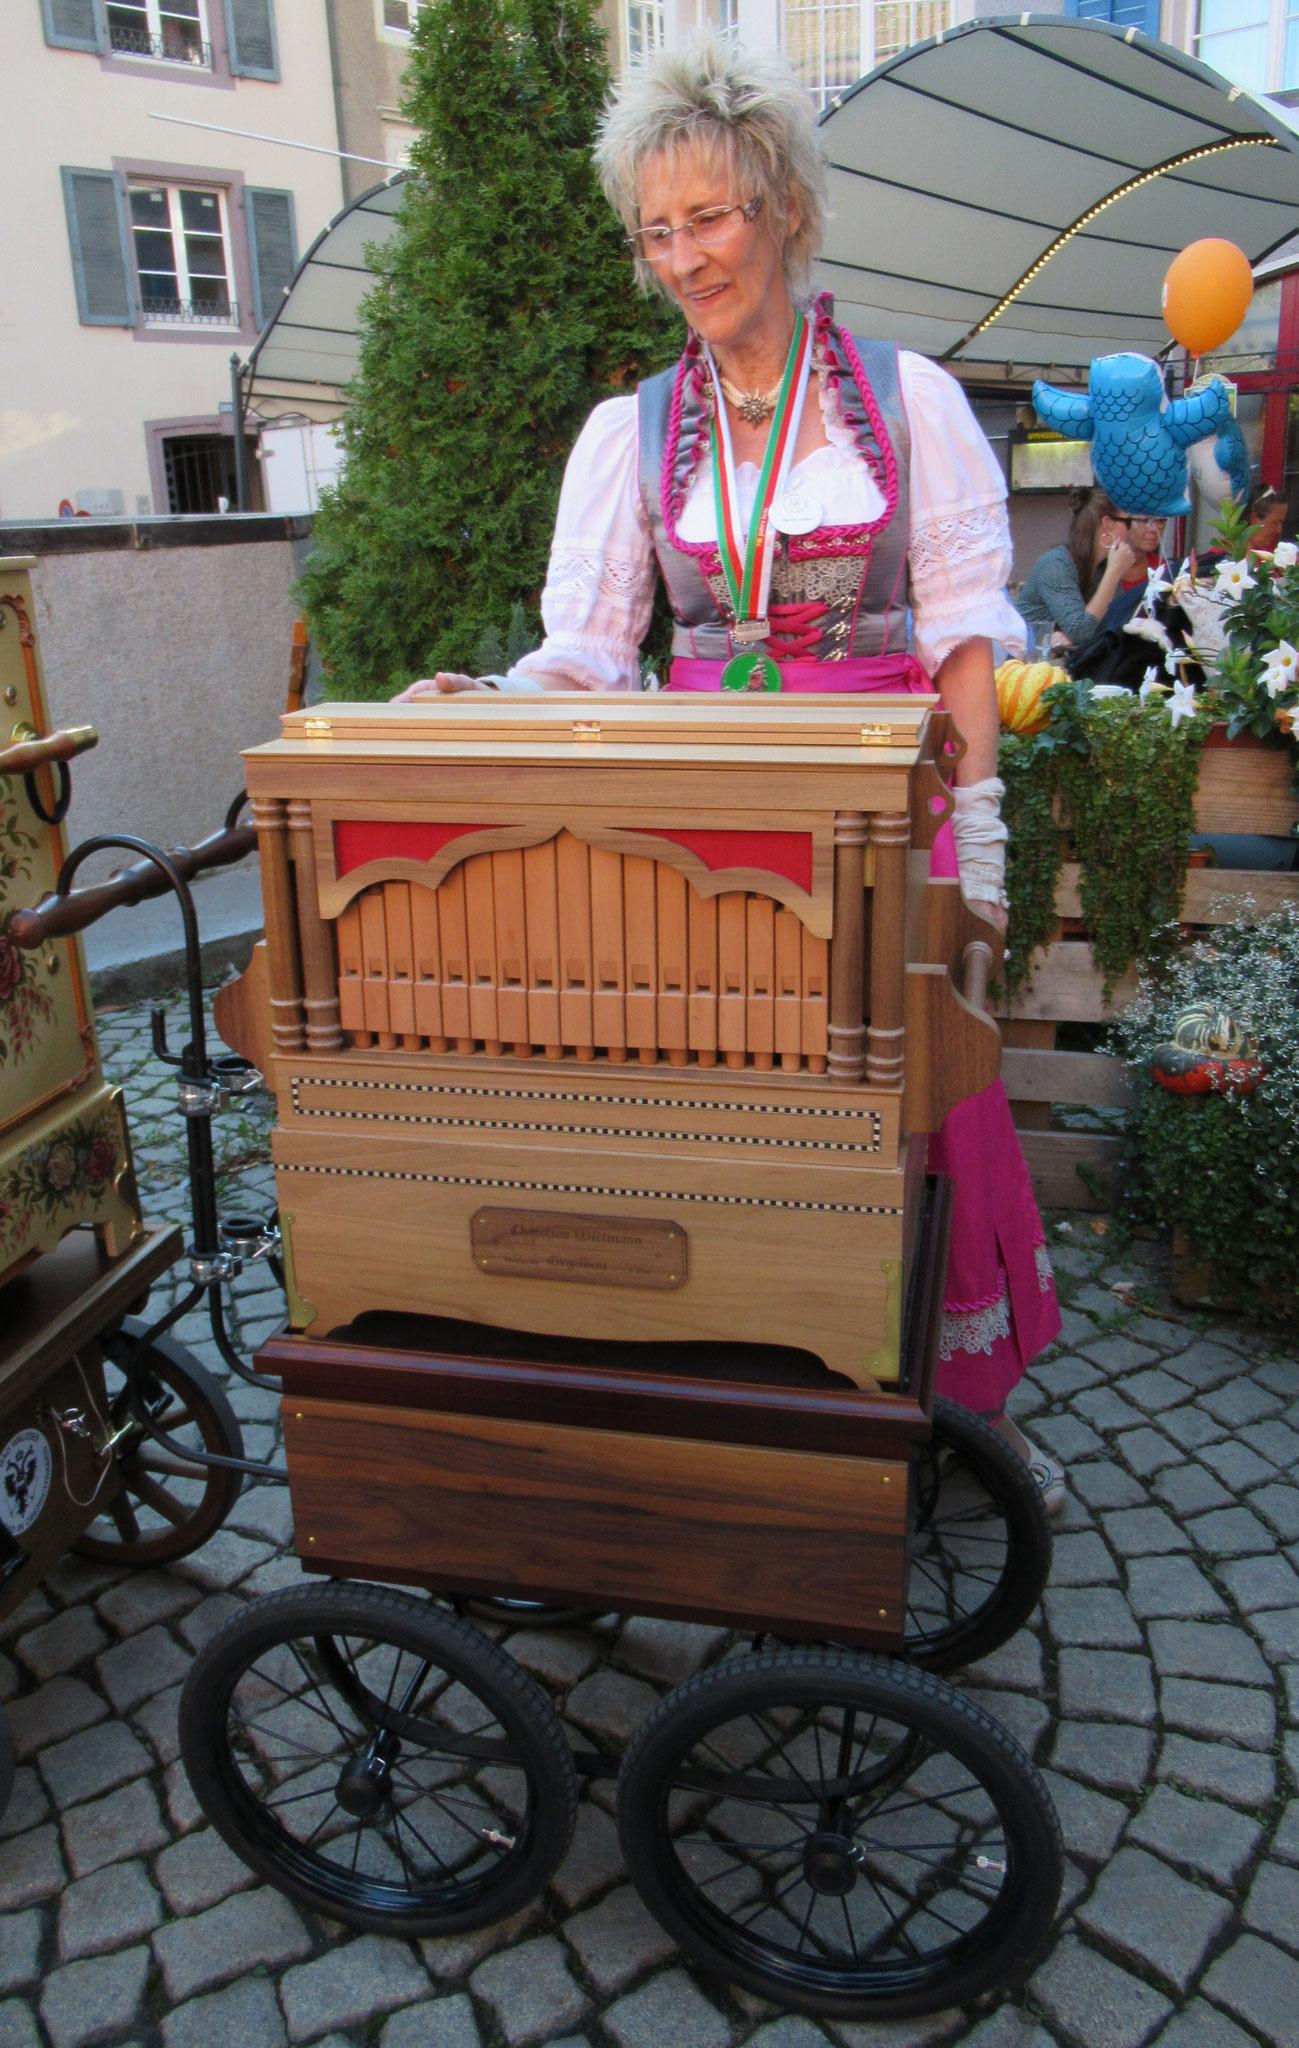 Helen Suter aus Solothurn - Wittmann 31/36